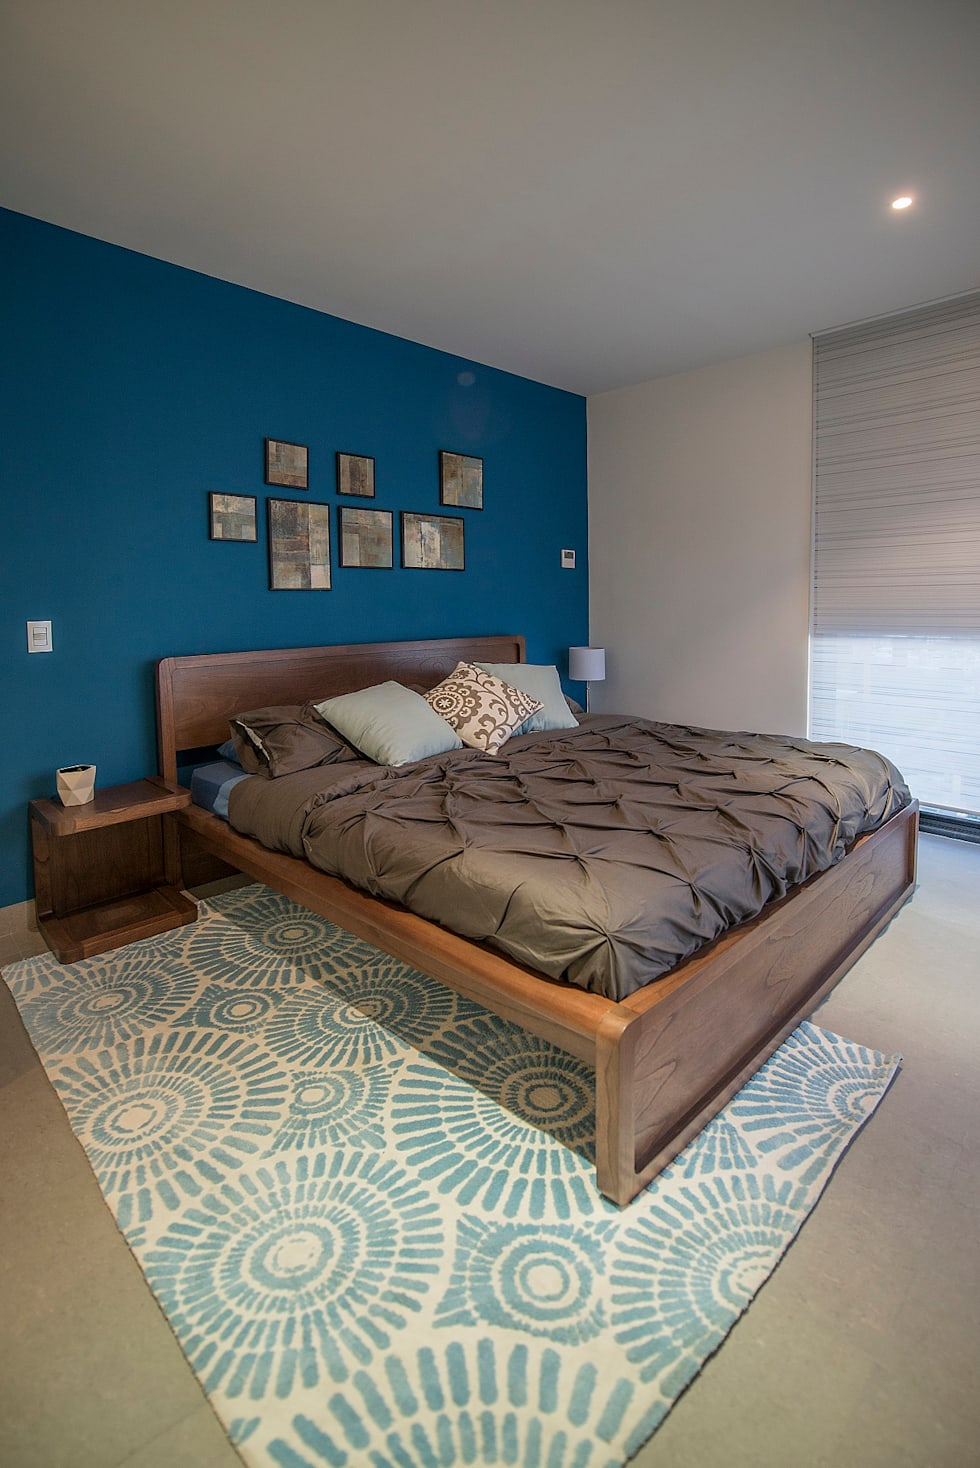 10 ideias de decoração para quartos pequenos